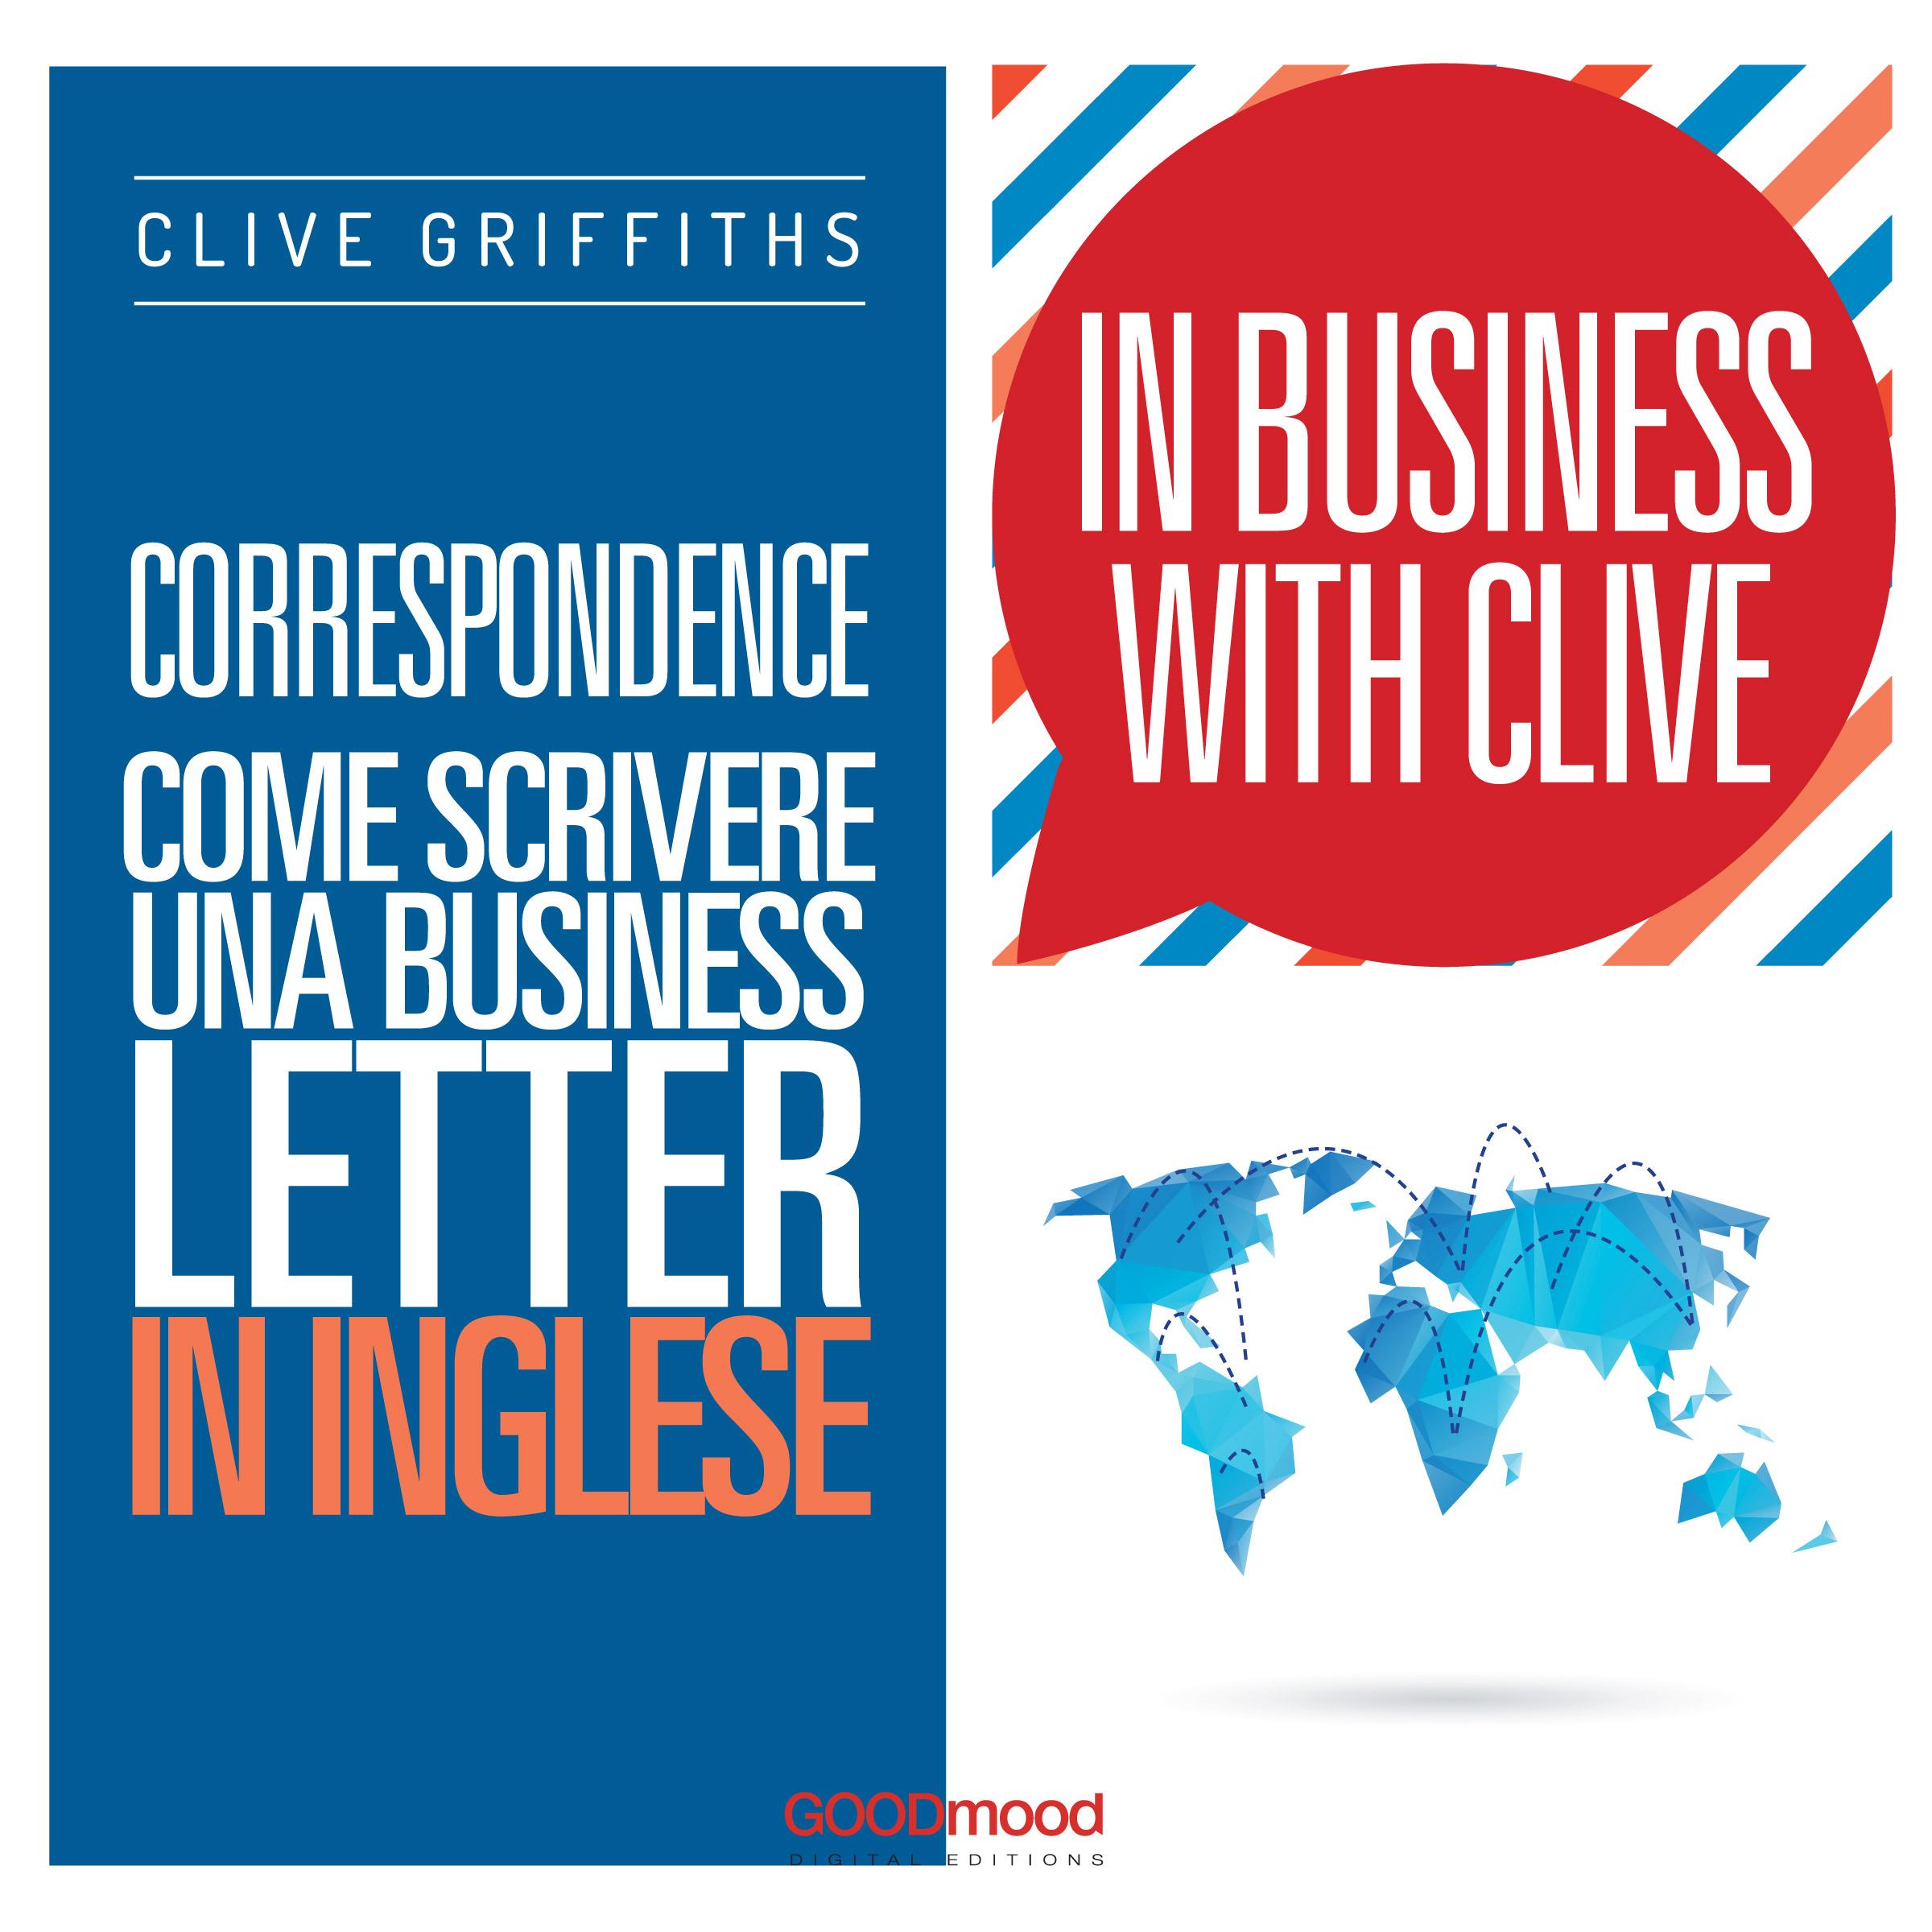 Correspondence. Come scrivere una business letter in inglese.-0